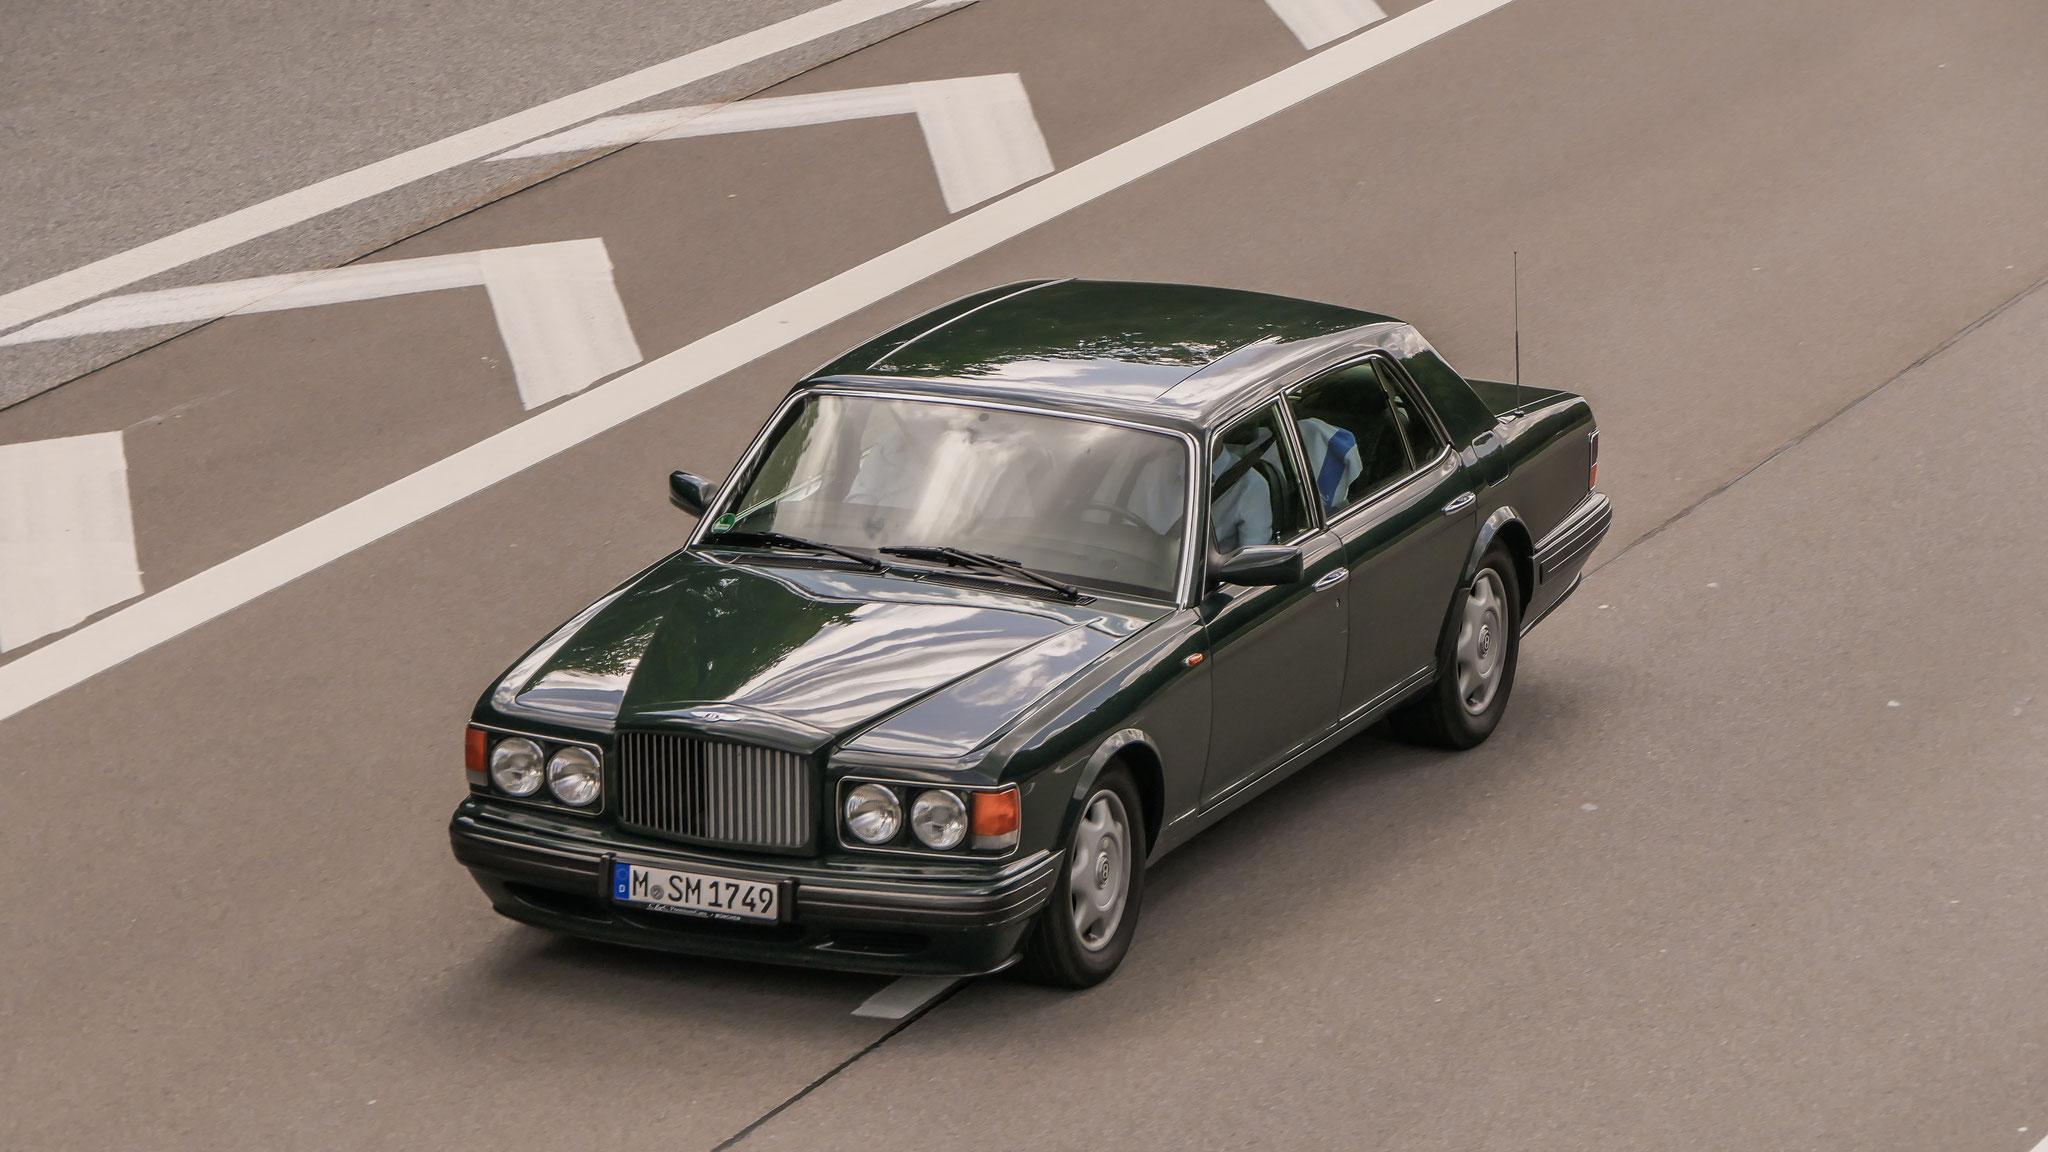 Bentley Arnage - M-SM-1749